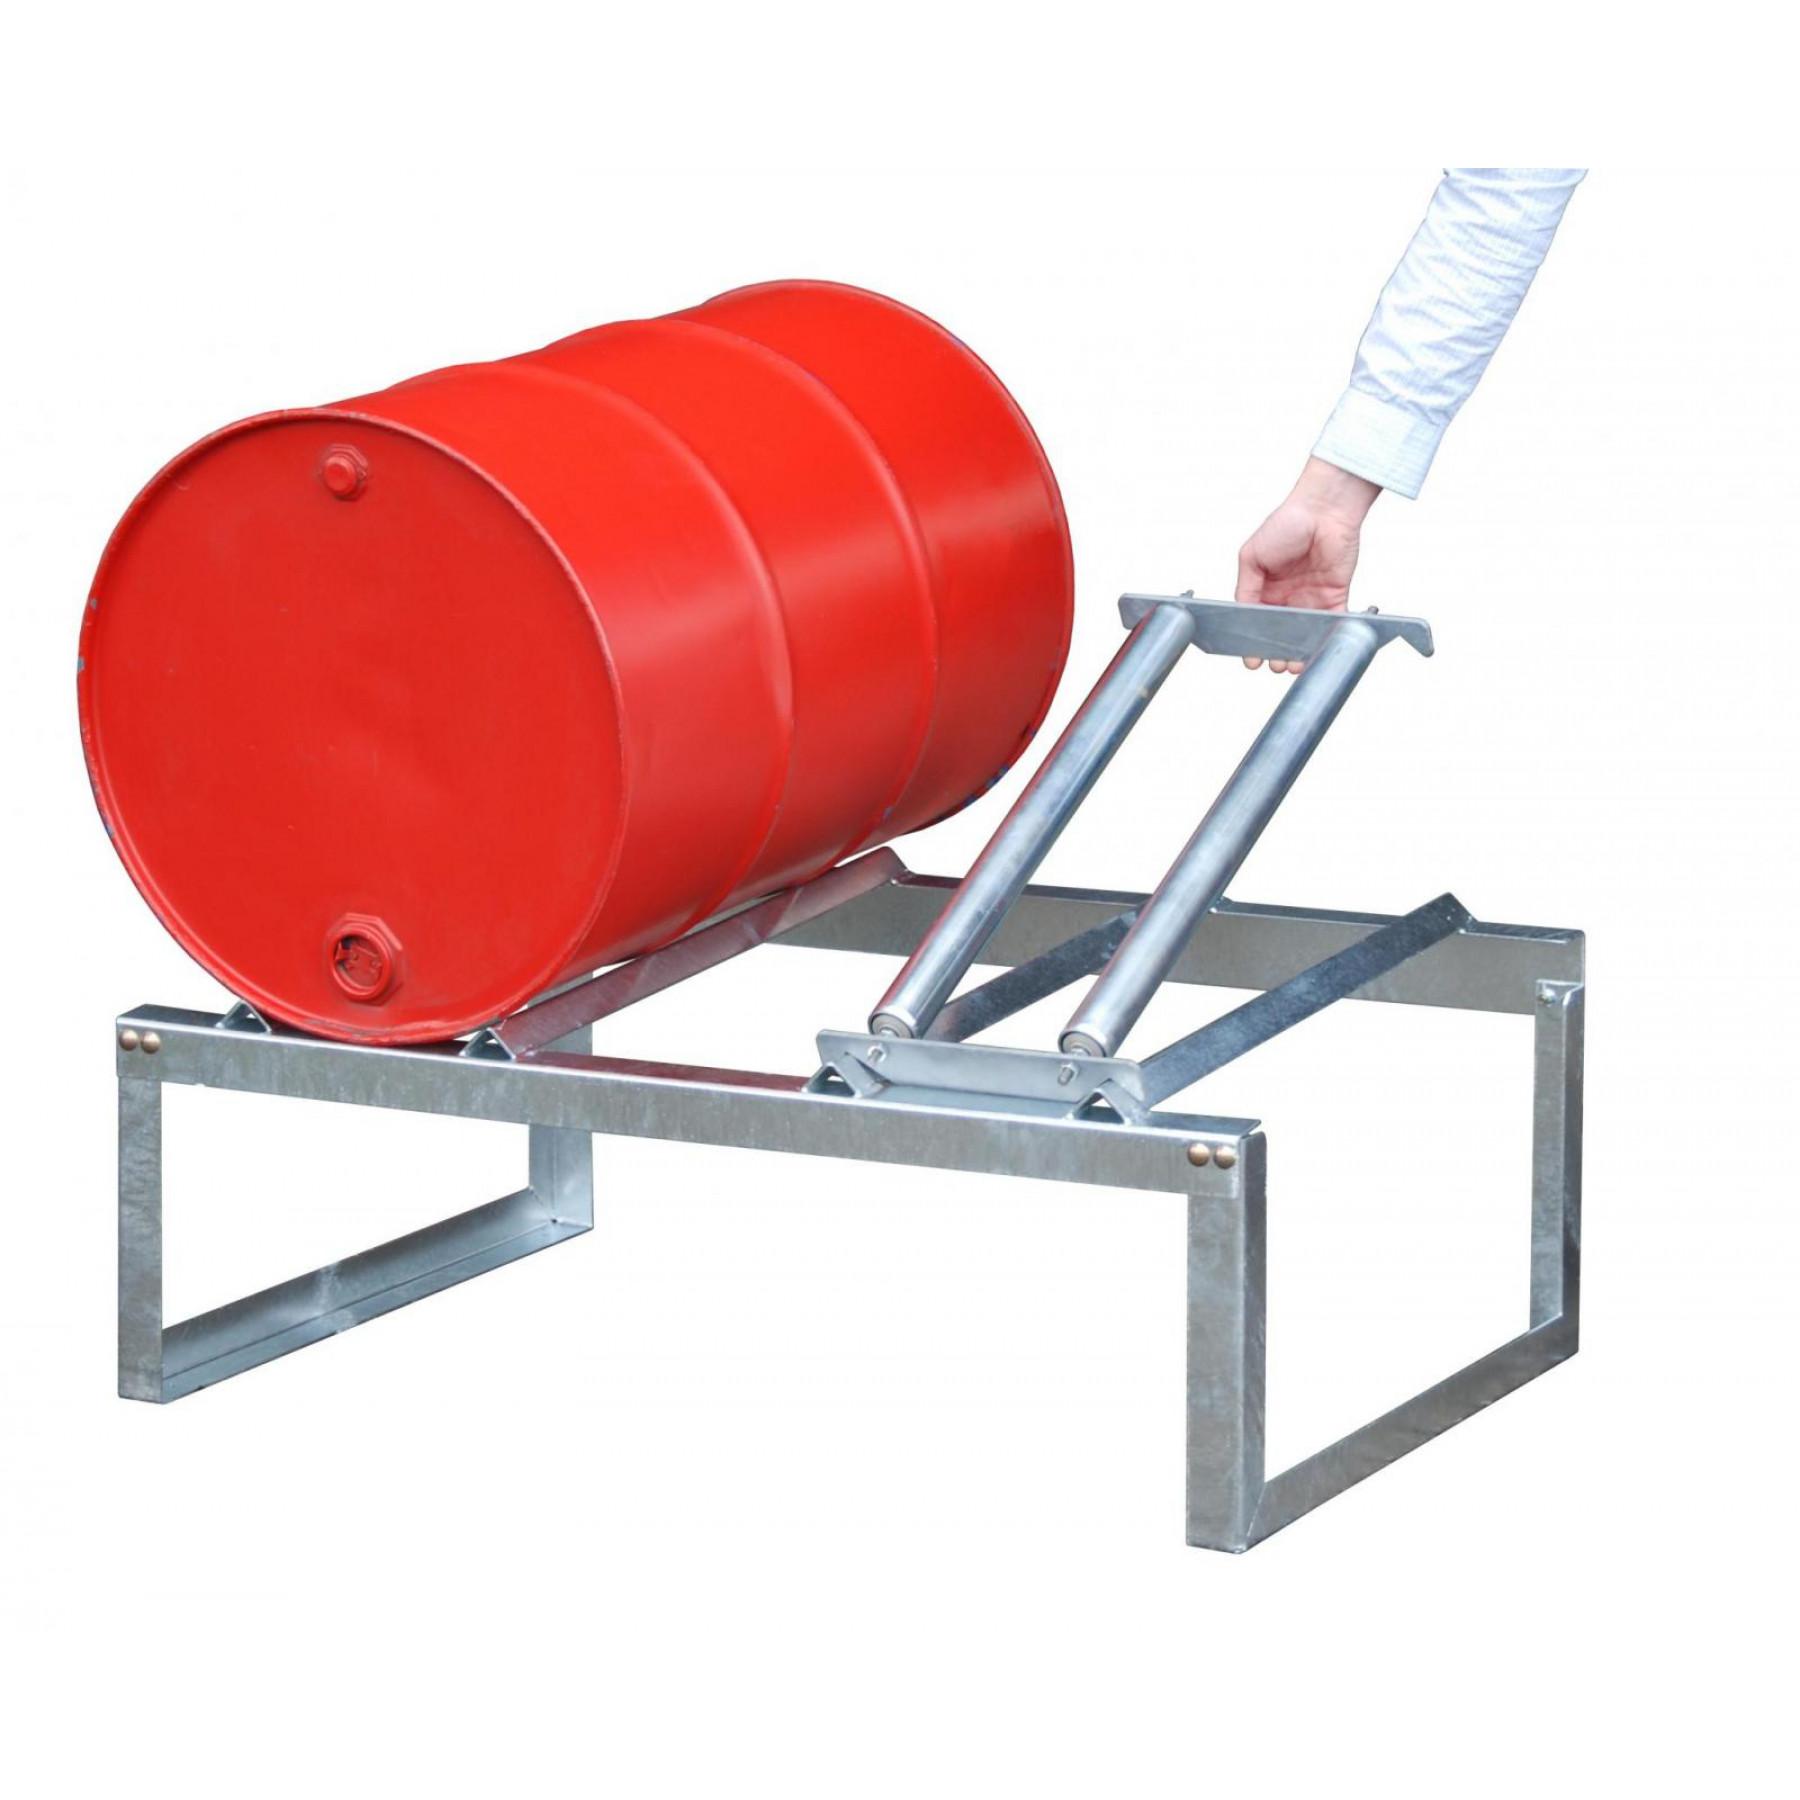 Draaisteun voor vatenrek t.b.v. 1 x 200 liter vat, 70049-RA200